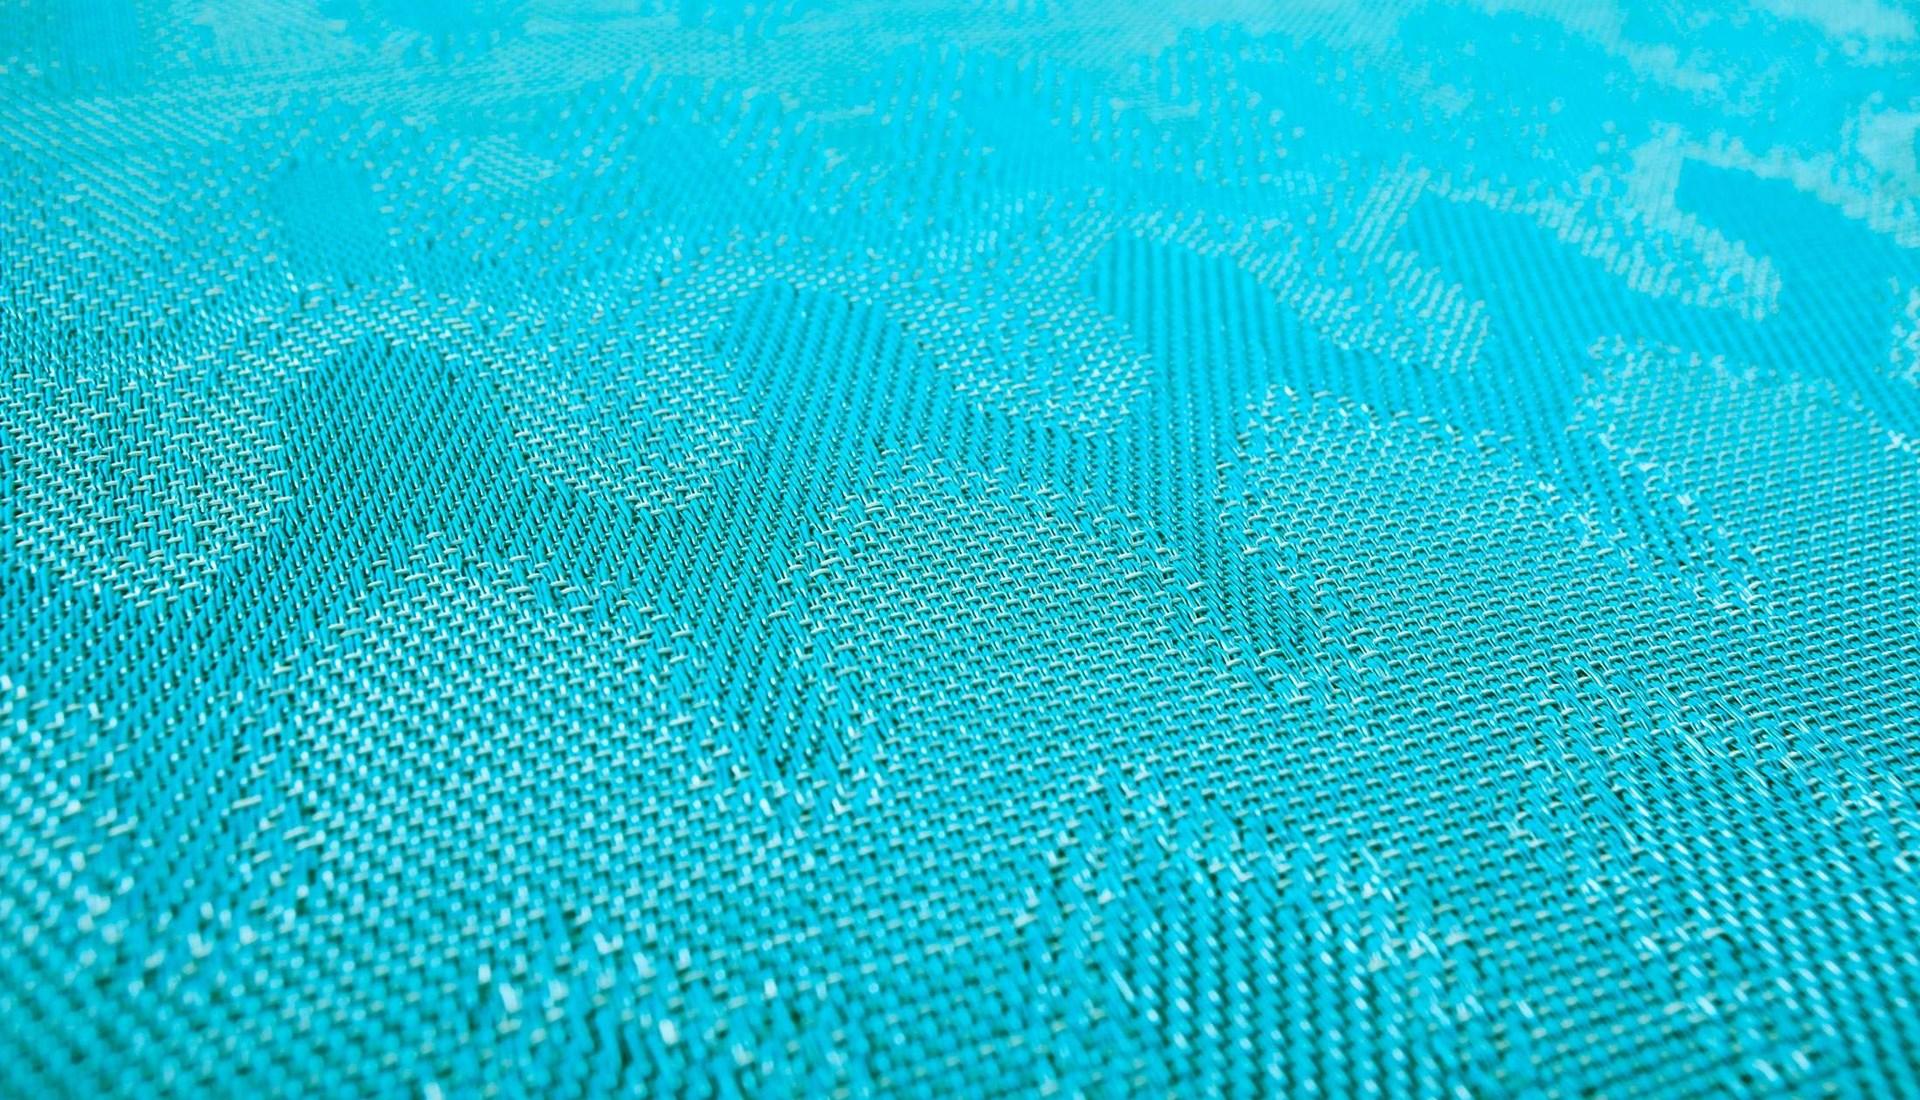 Missoni Opticalturquoise2 2x